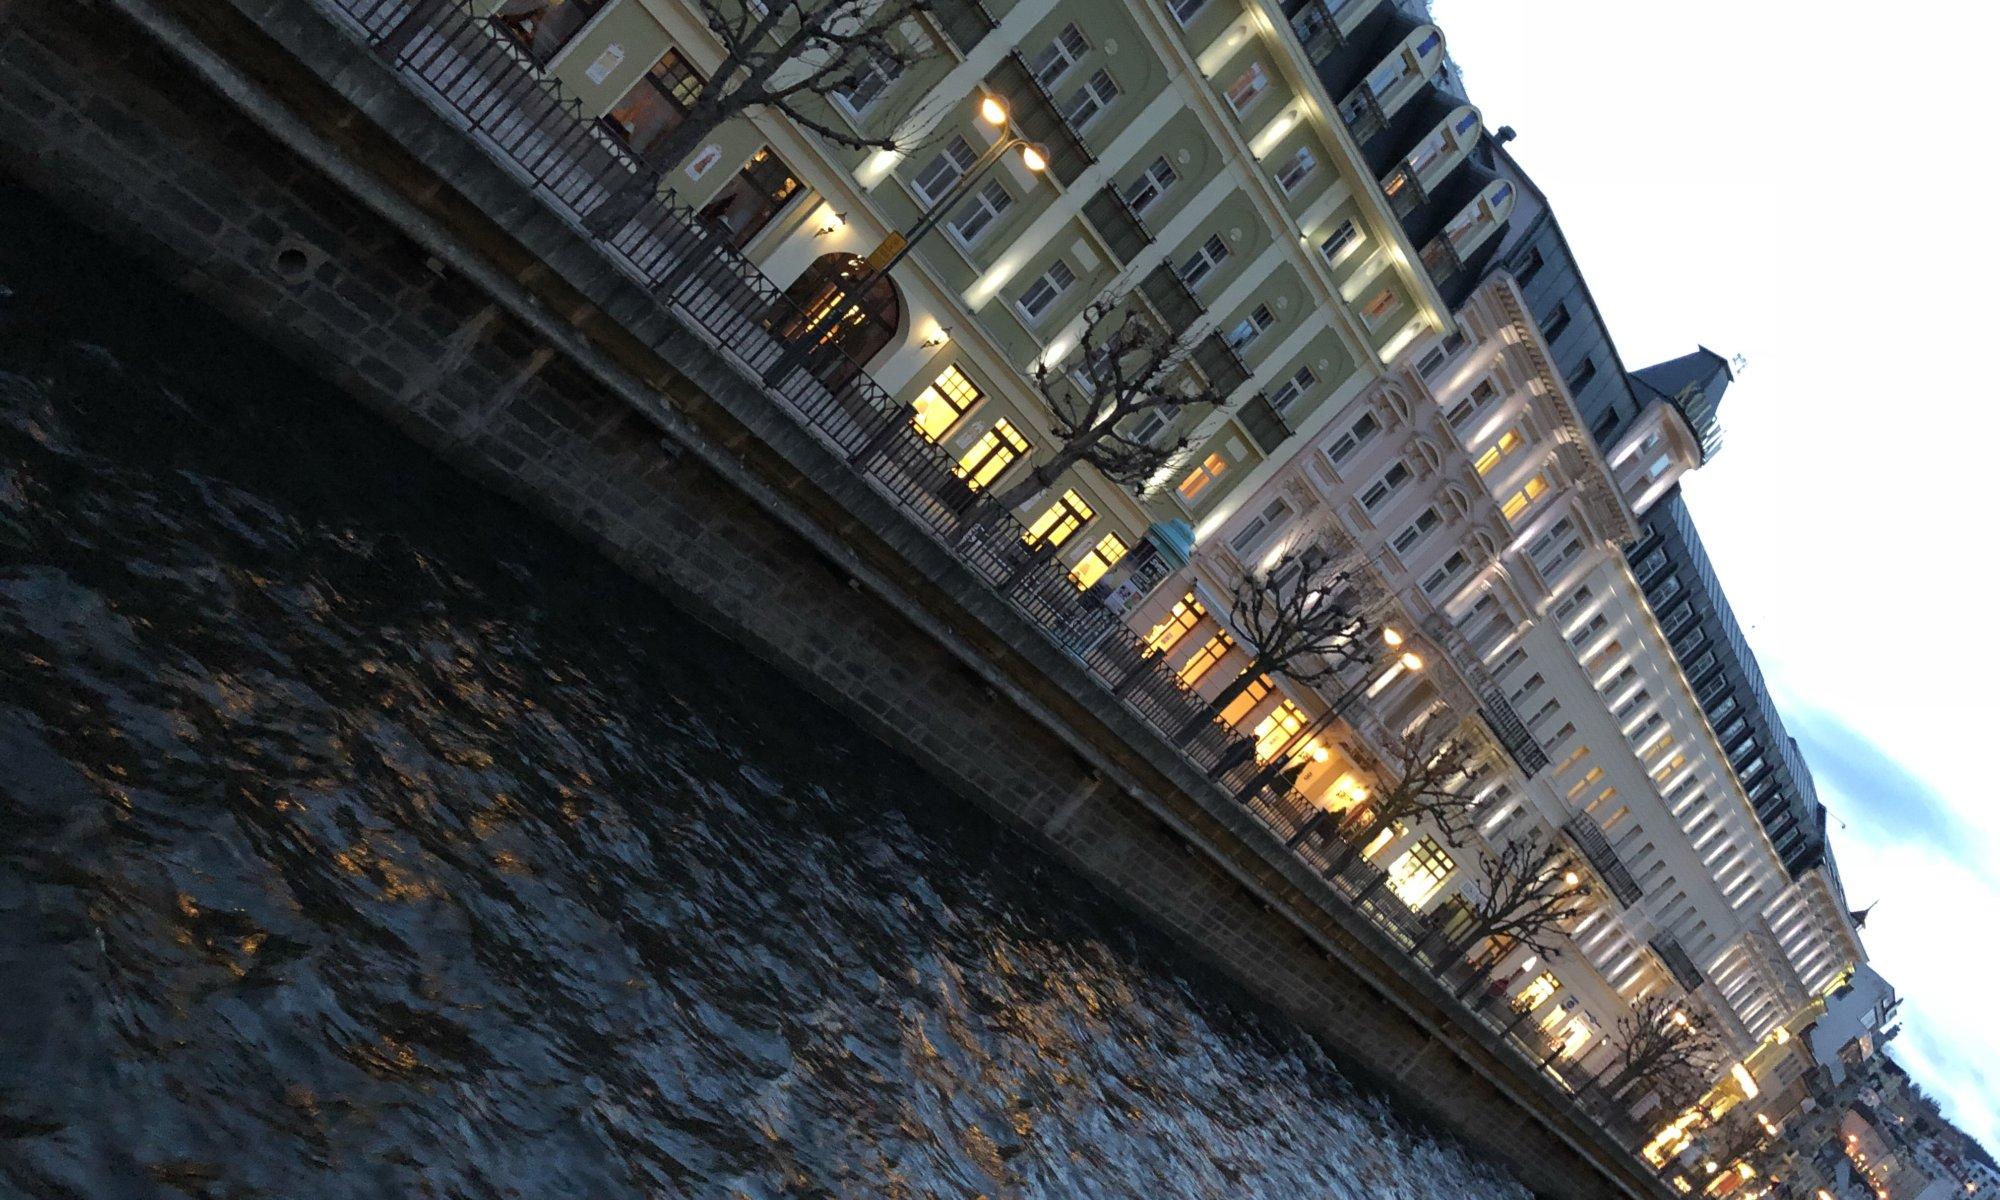 Cheb, Karlovy Vary